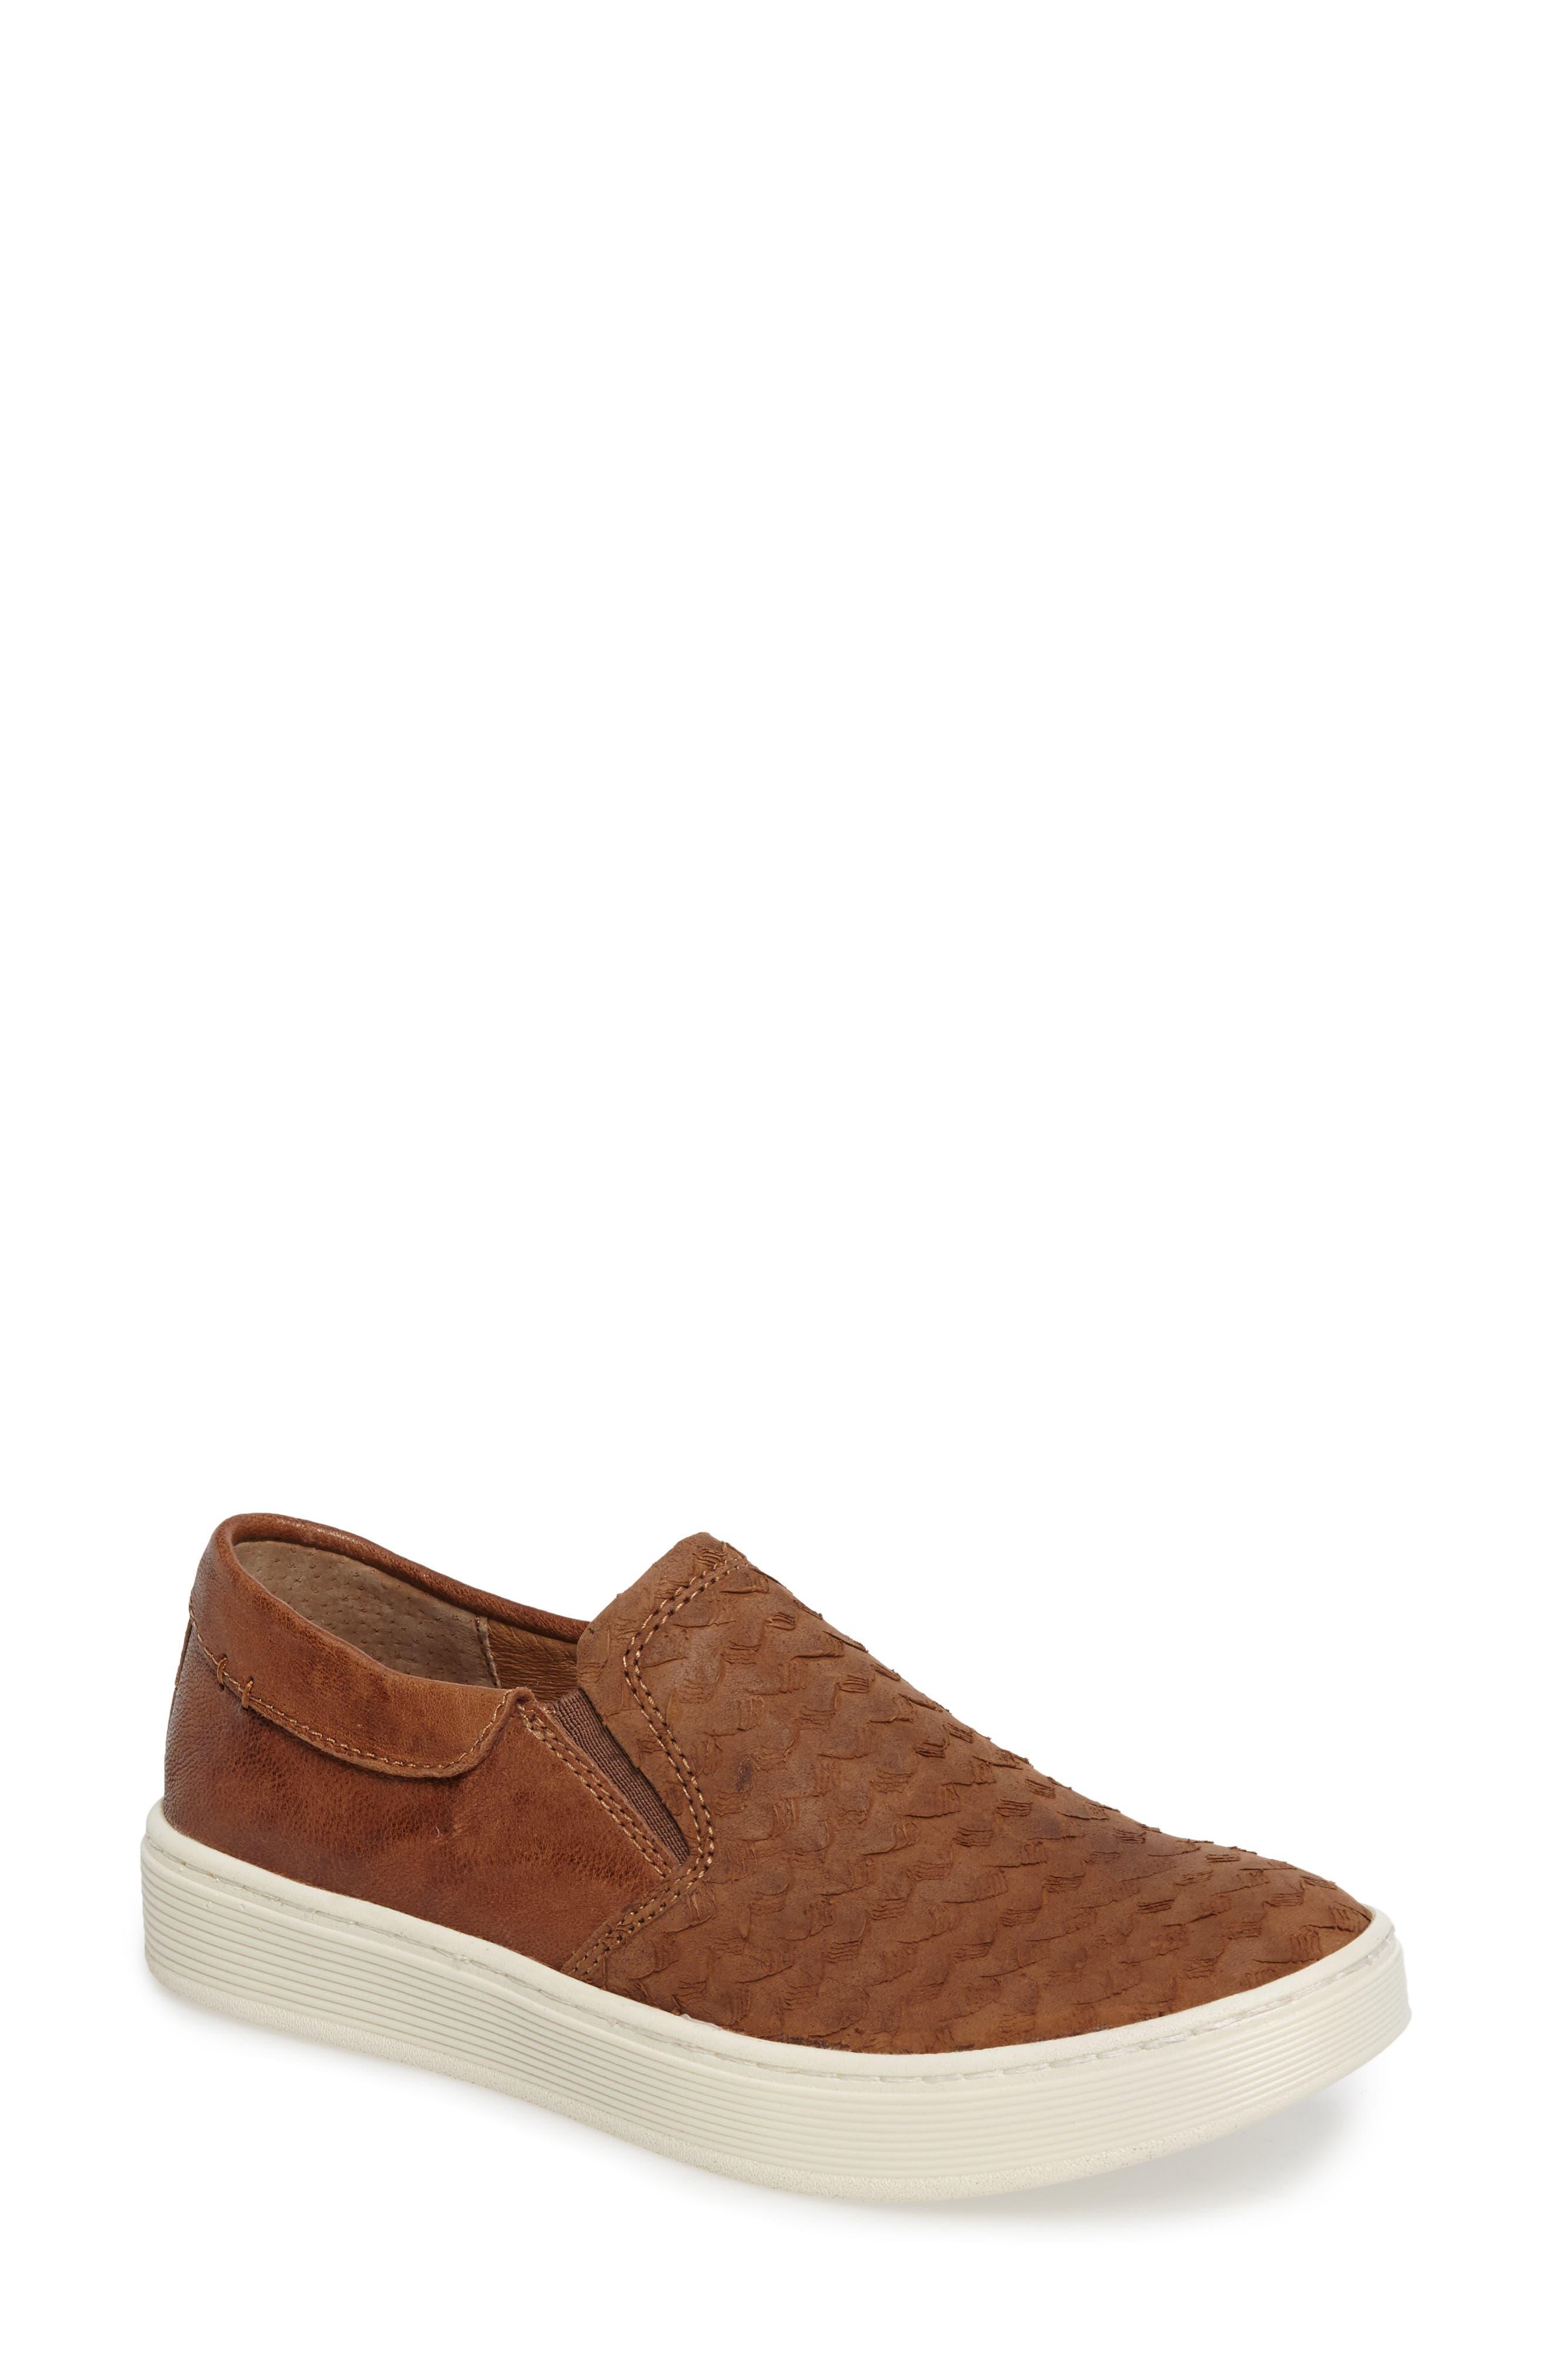 Söfft Somers II Slip-on Sneaker (Women)